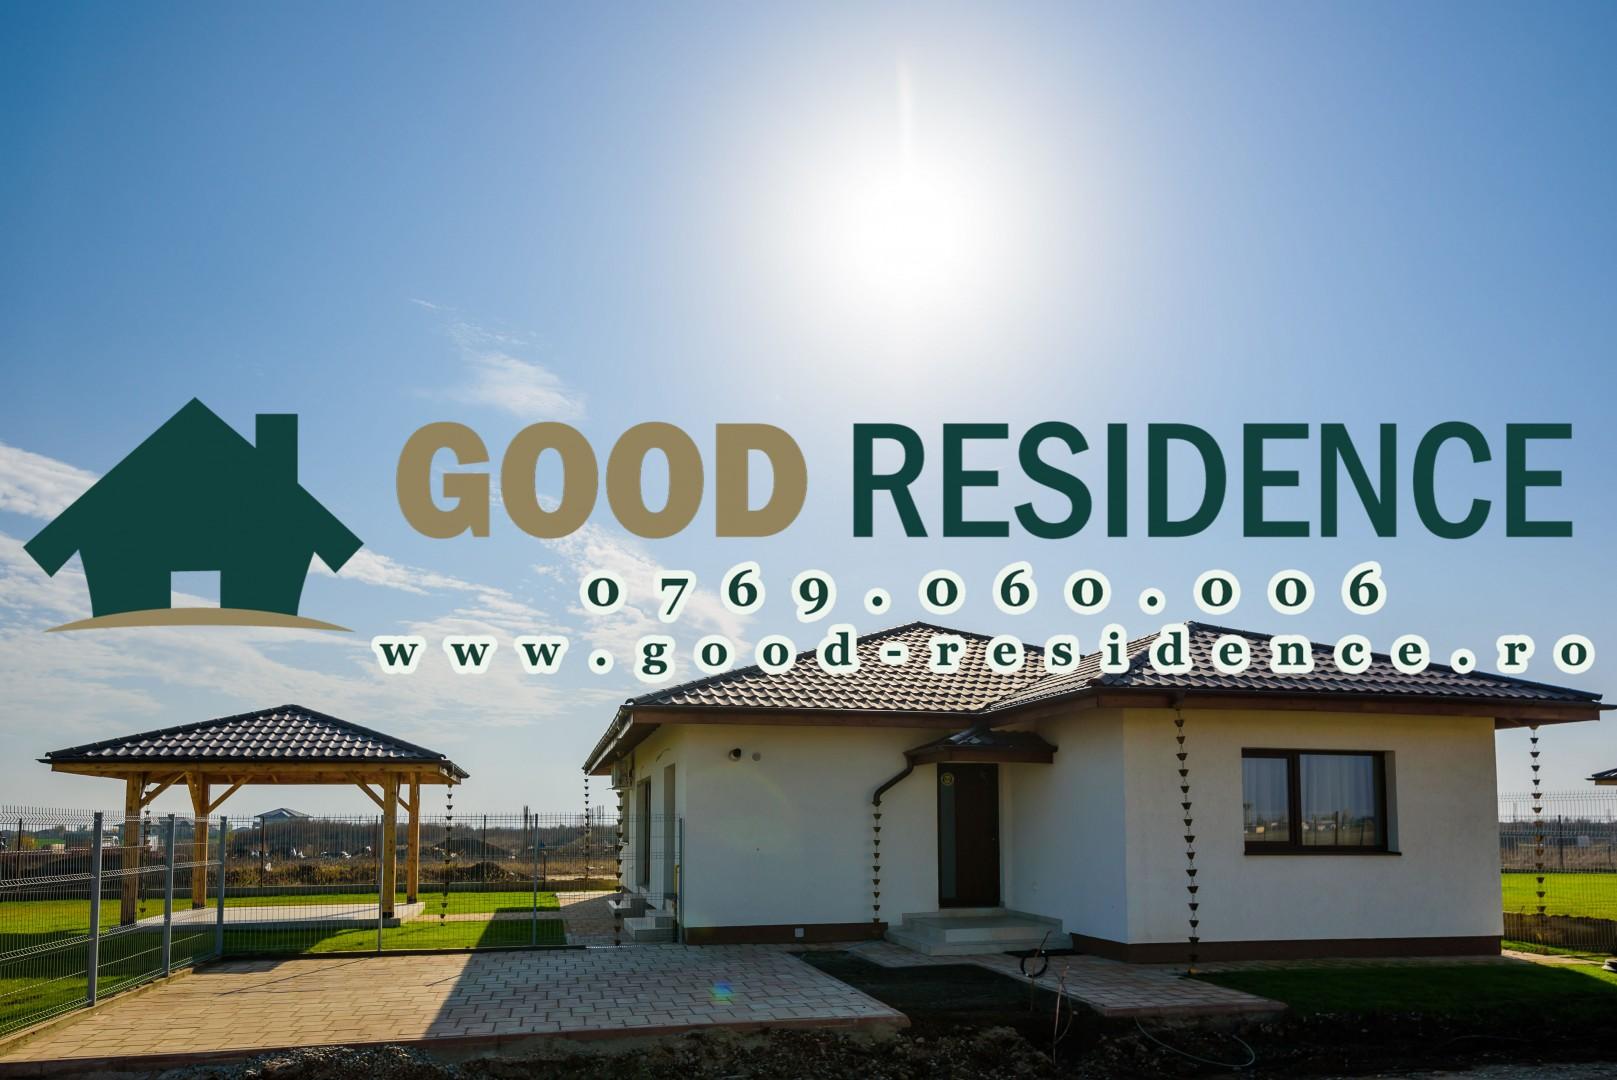 Casa 4 camere, Model ATRIA, Good Residence